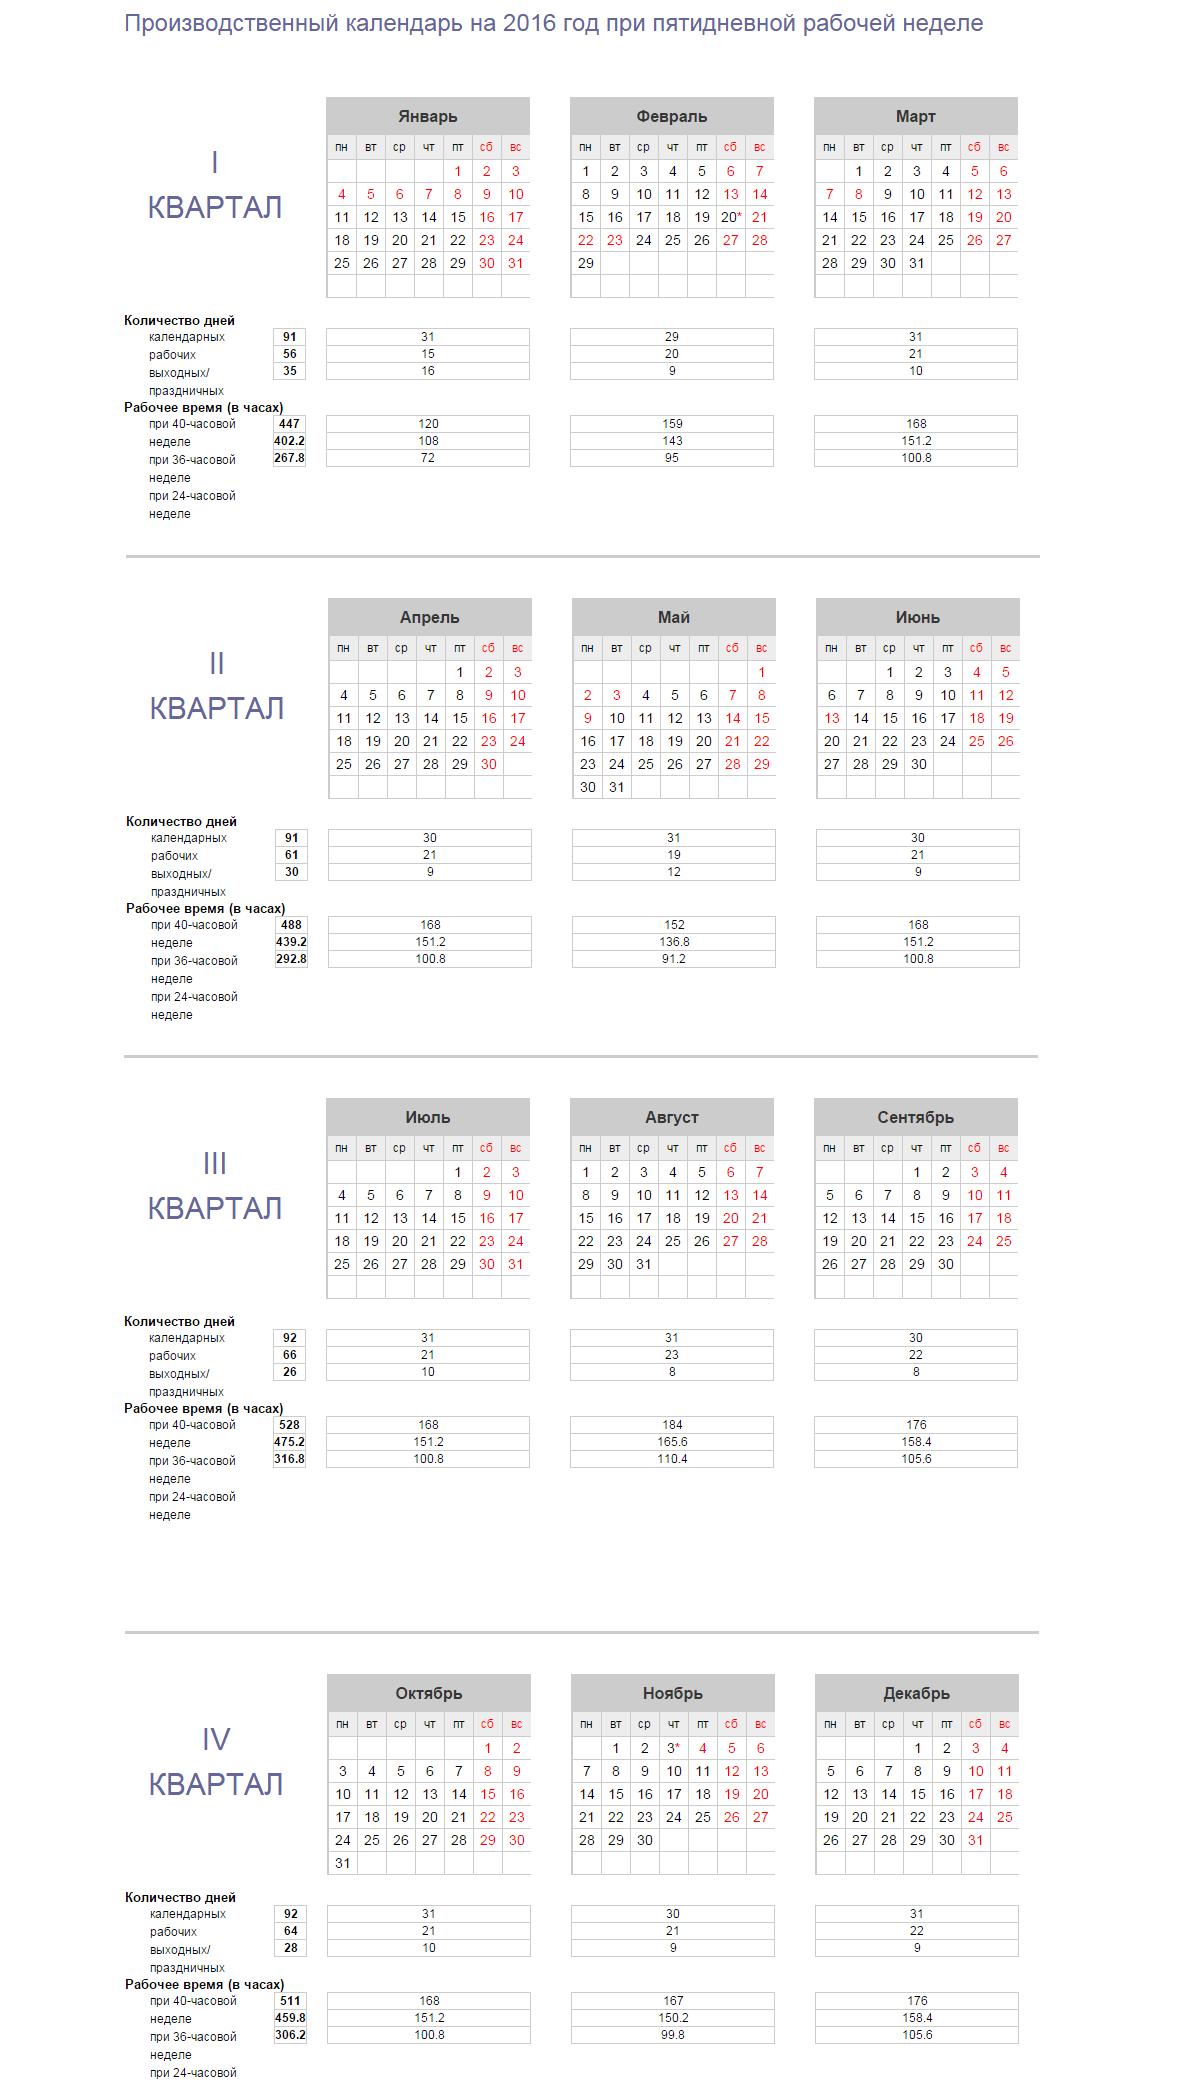 нельзя проищводственный календарь при шестидневной неделе на 2016 год вам